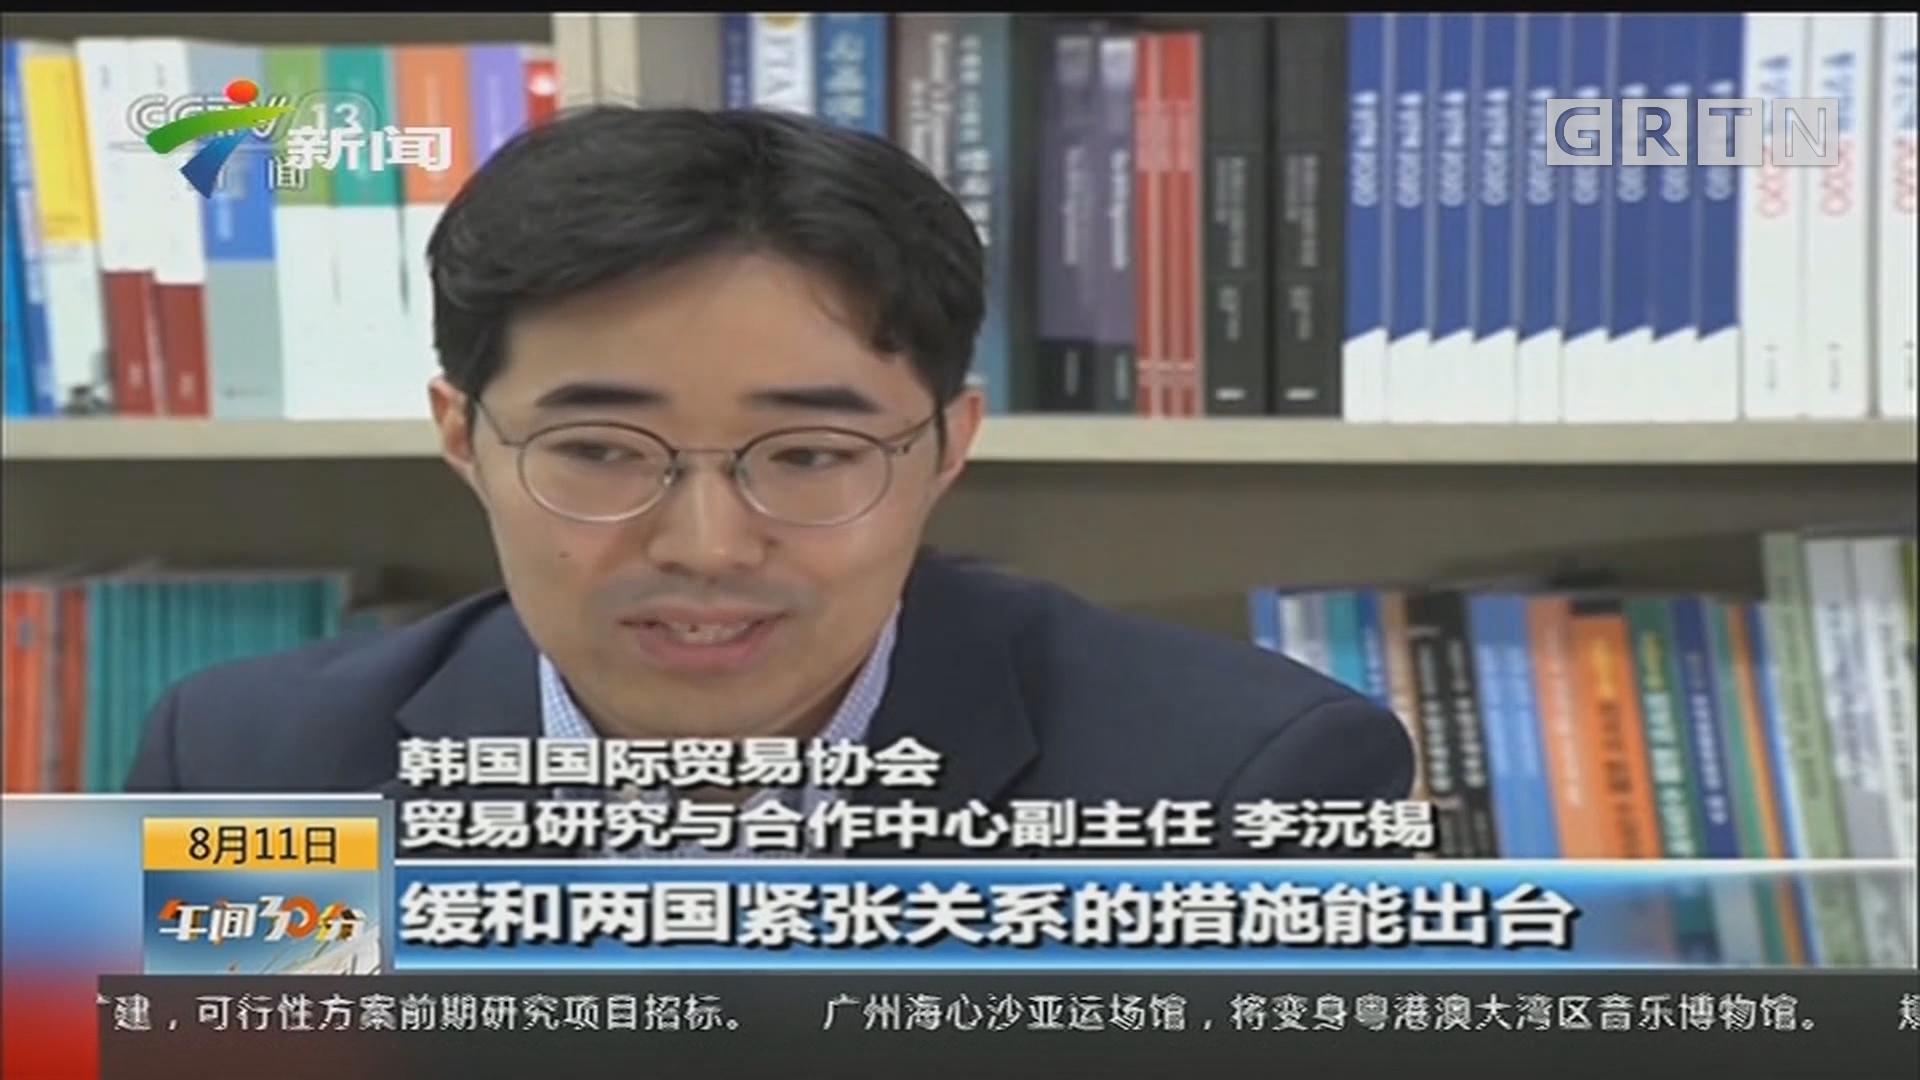 韩日贸易争端 韩专家:争端稍缓但仍存在不确定性